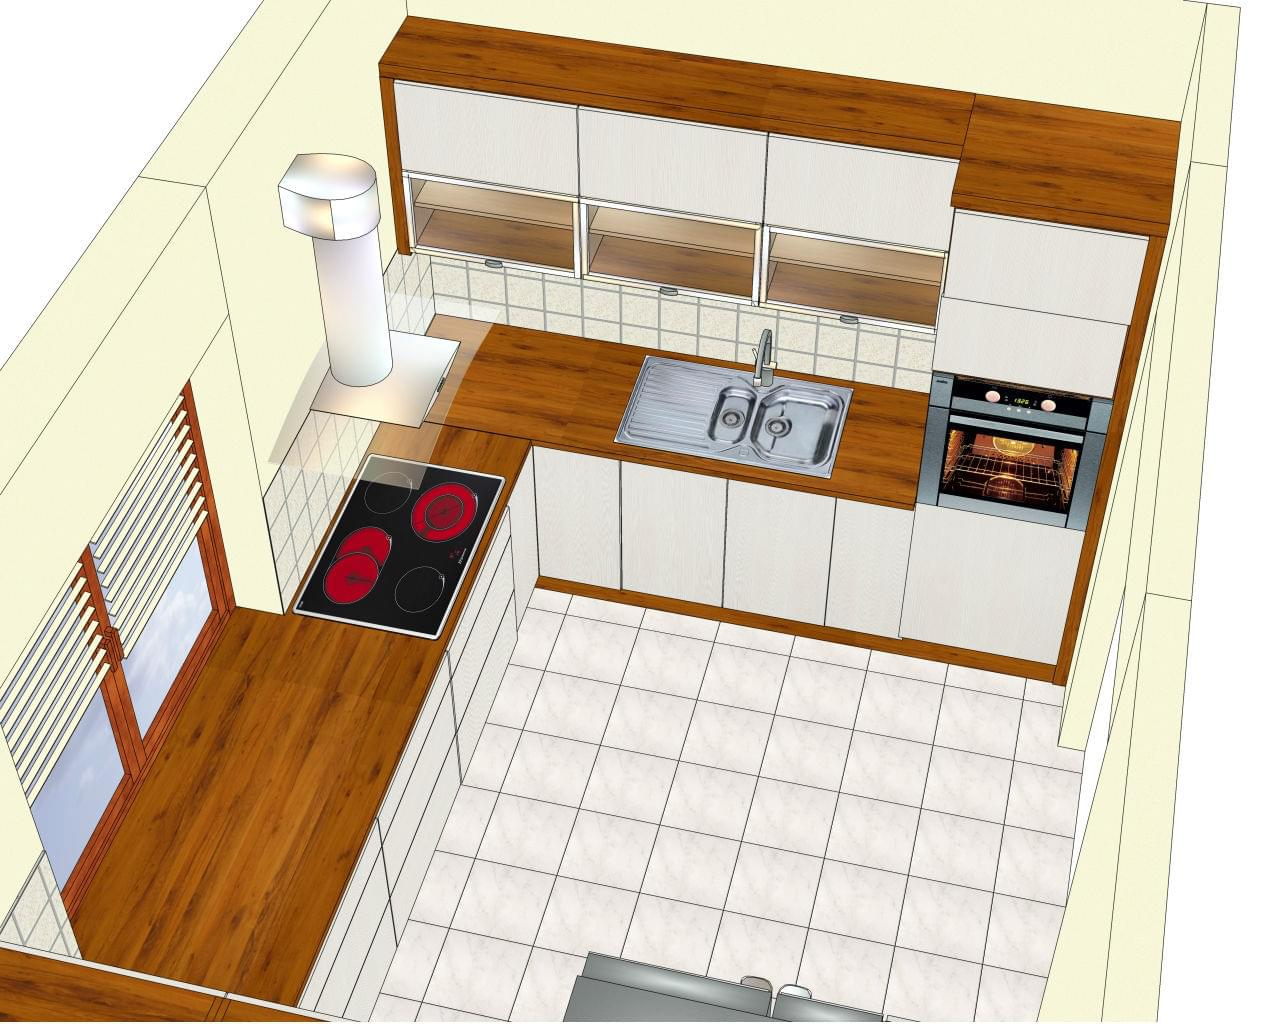 Projekt kuchni  wizualizacje  Projektowanie wnętrz   -> Projekt Kuchni Z Niskim Oknem